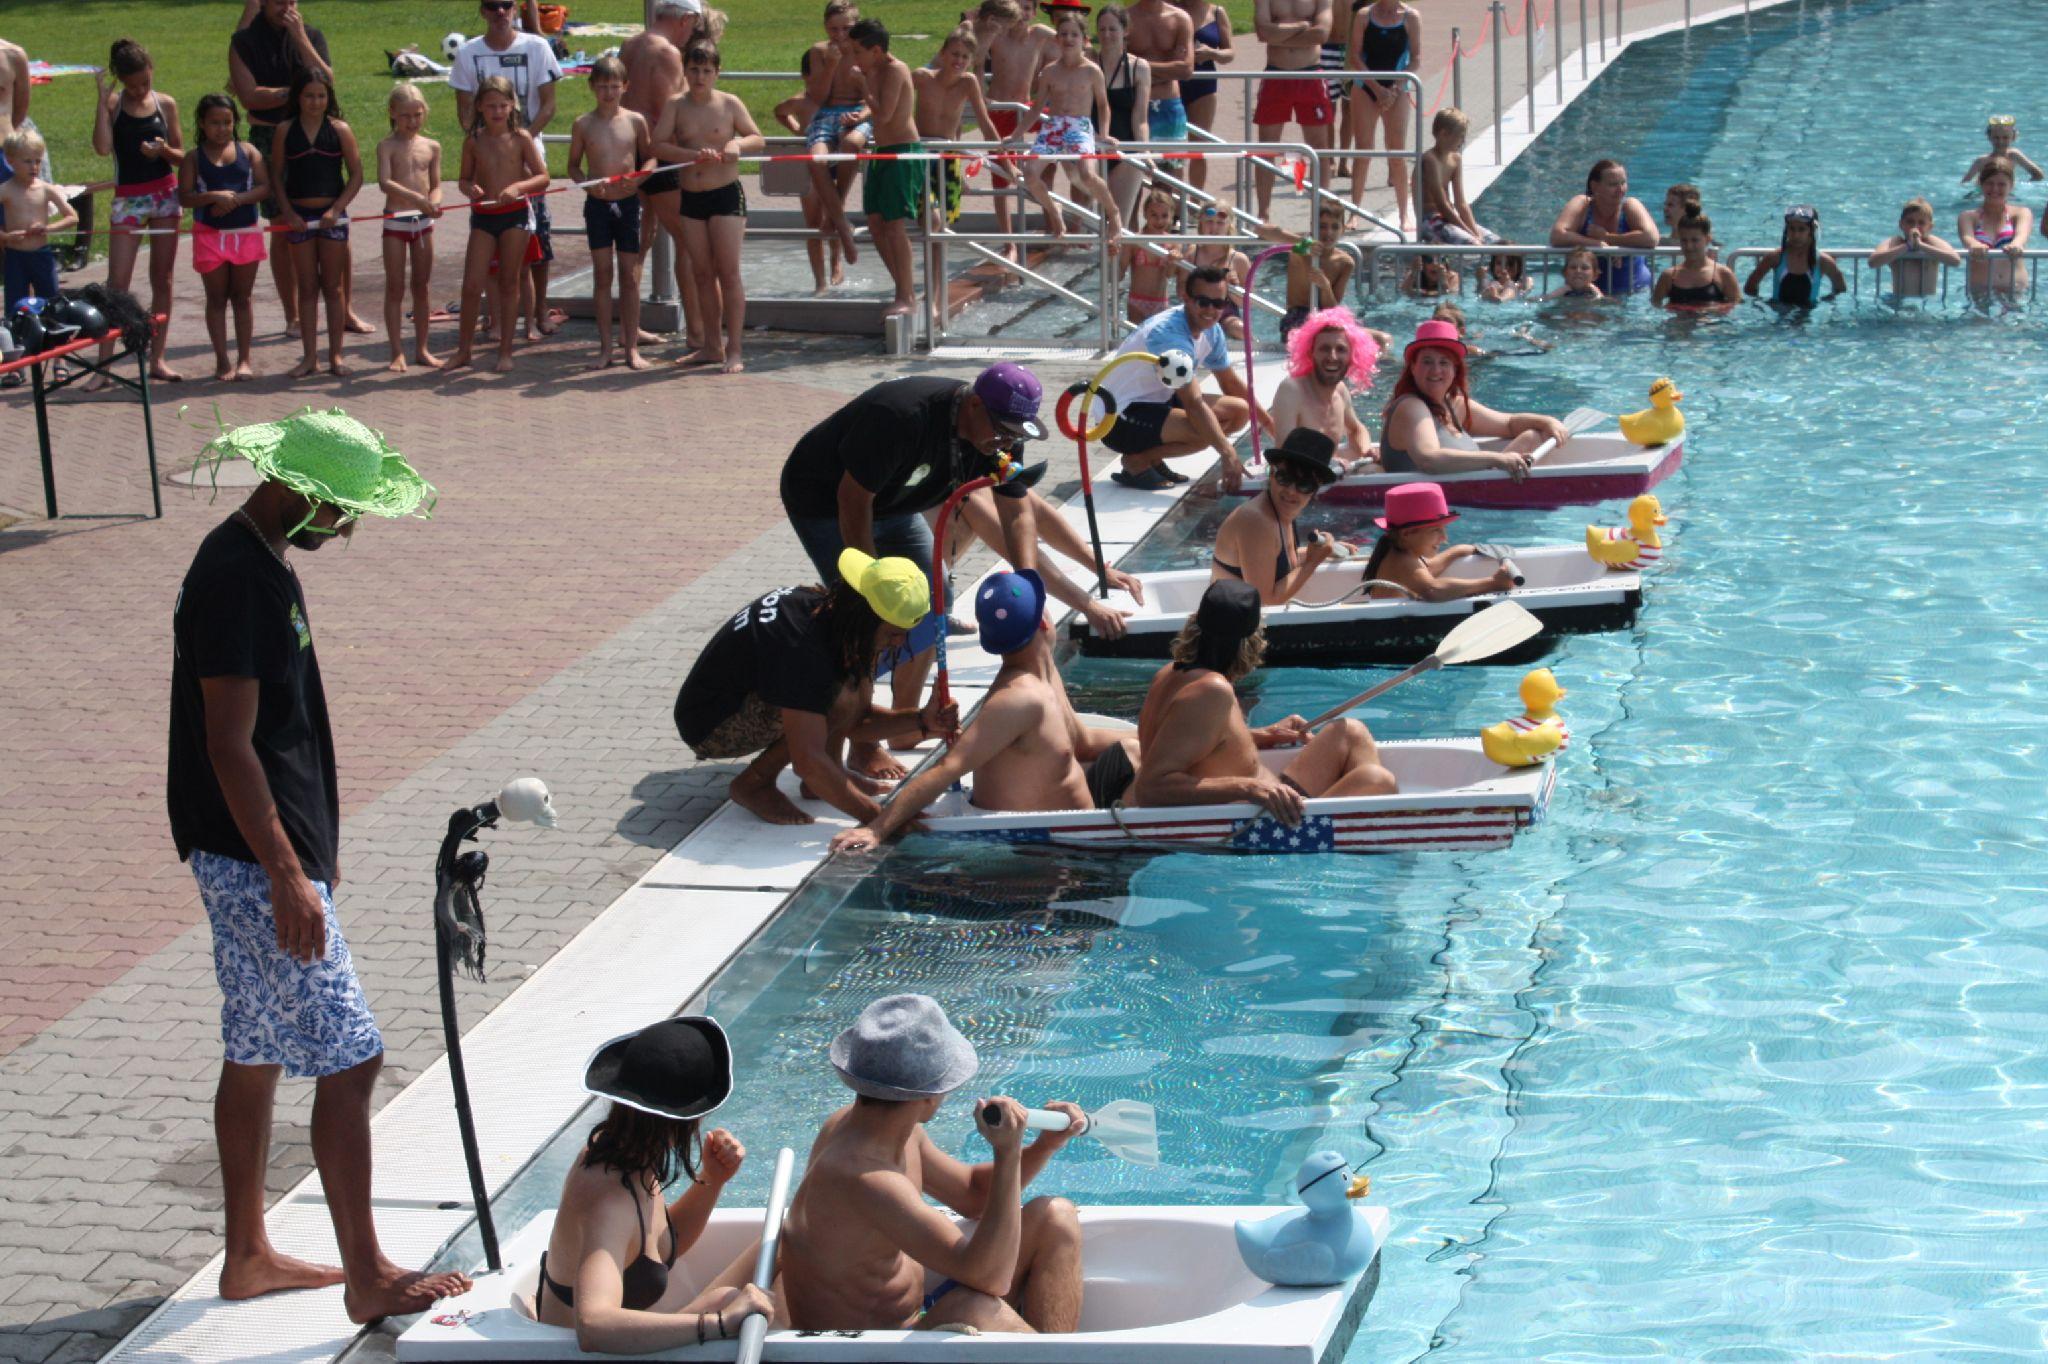 schwimmbadsaison startet alle ffnungszeiten der saison hessen. Black Bedroom Furniture Sets. Home Design Ideas